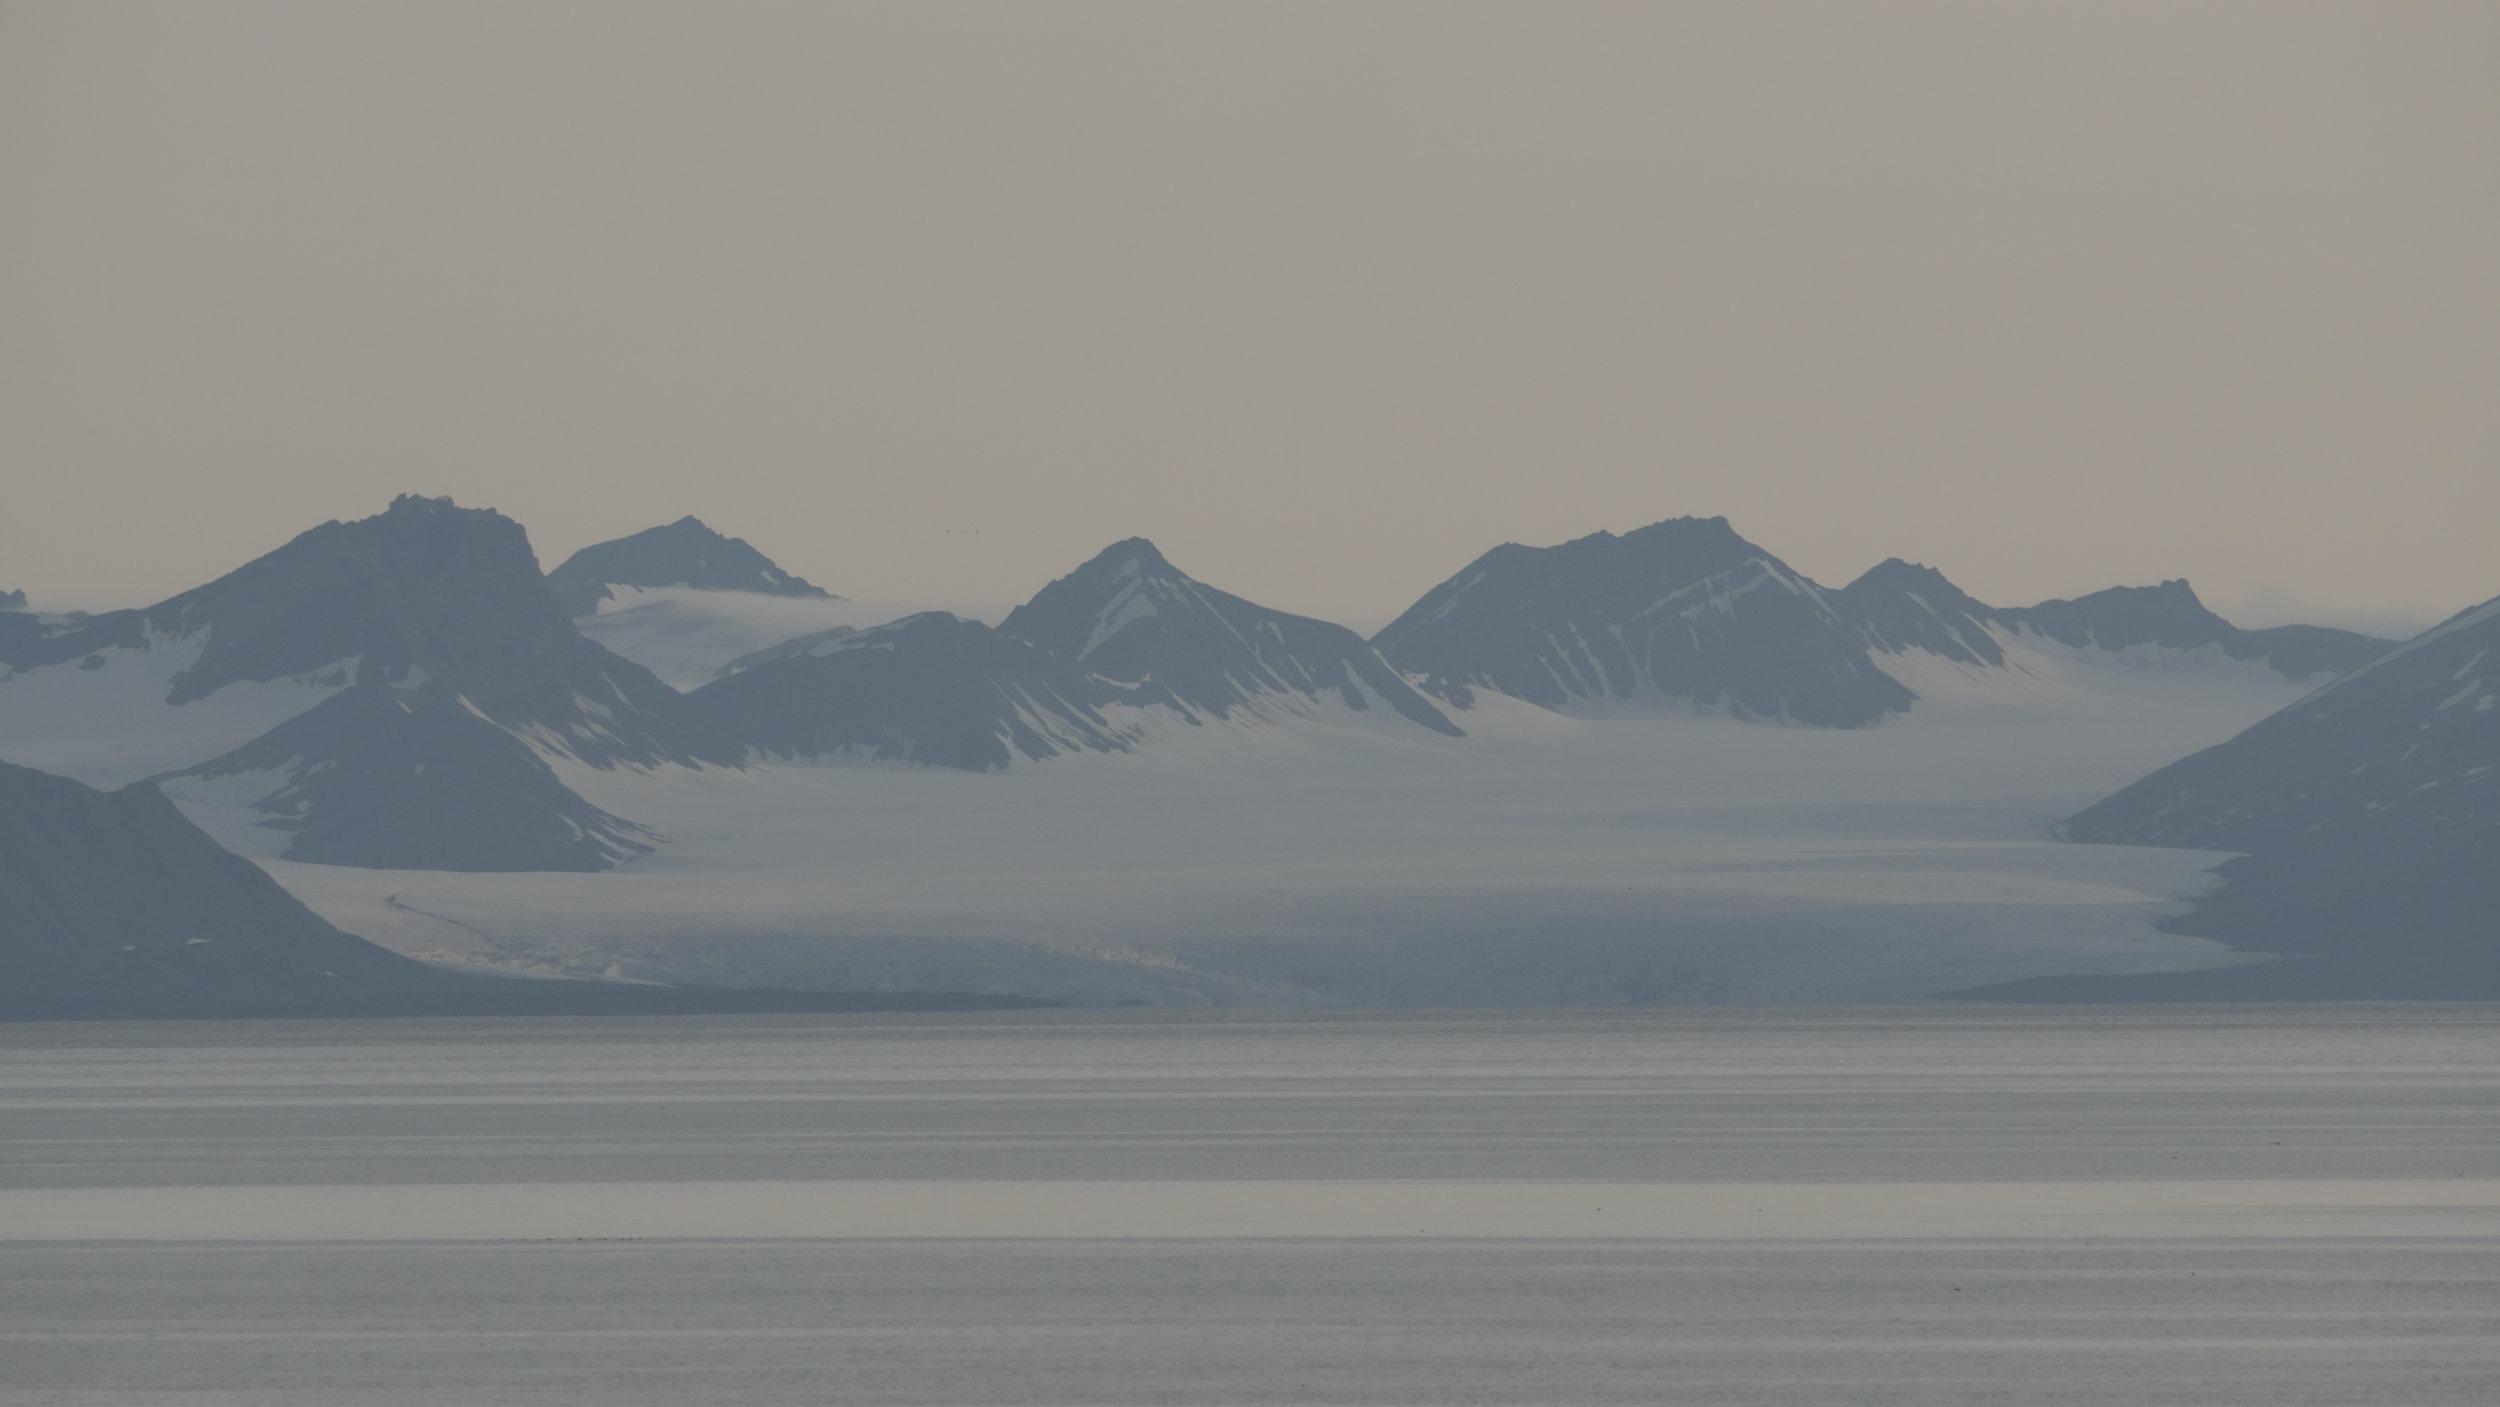 View across Isfjorden to Borebreen Glacier